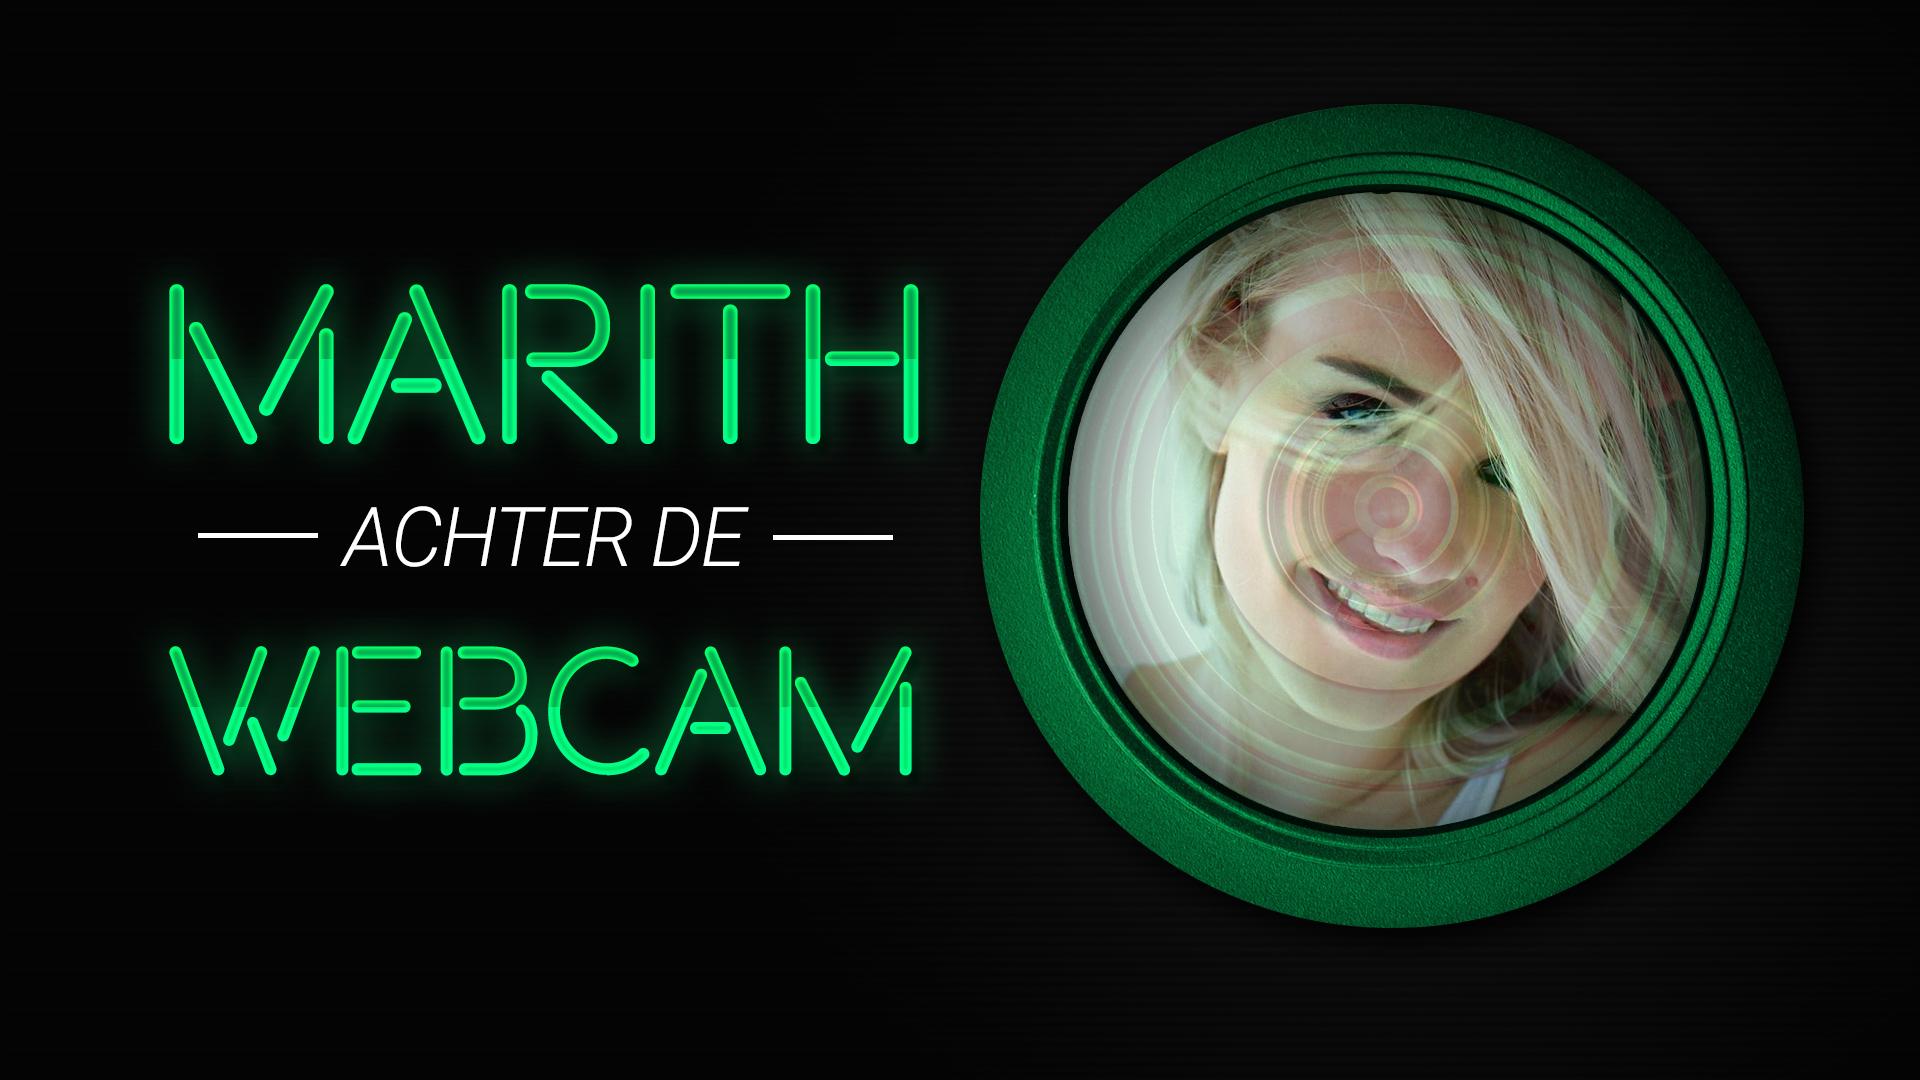 Geile foto van de hete Secret Circle seksfilm: Marith achter de webcam